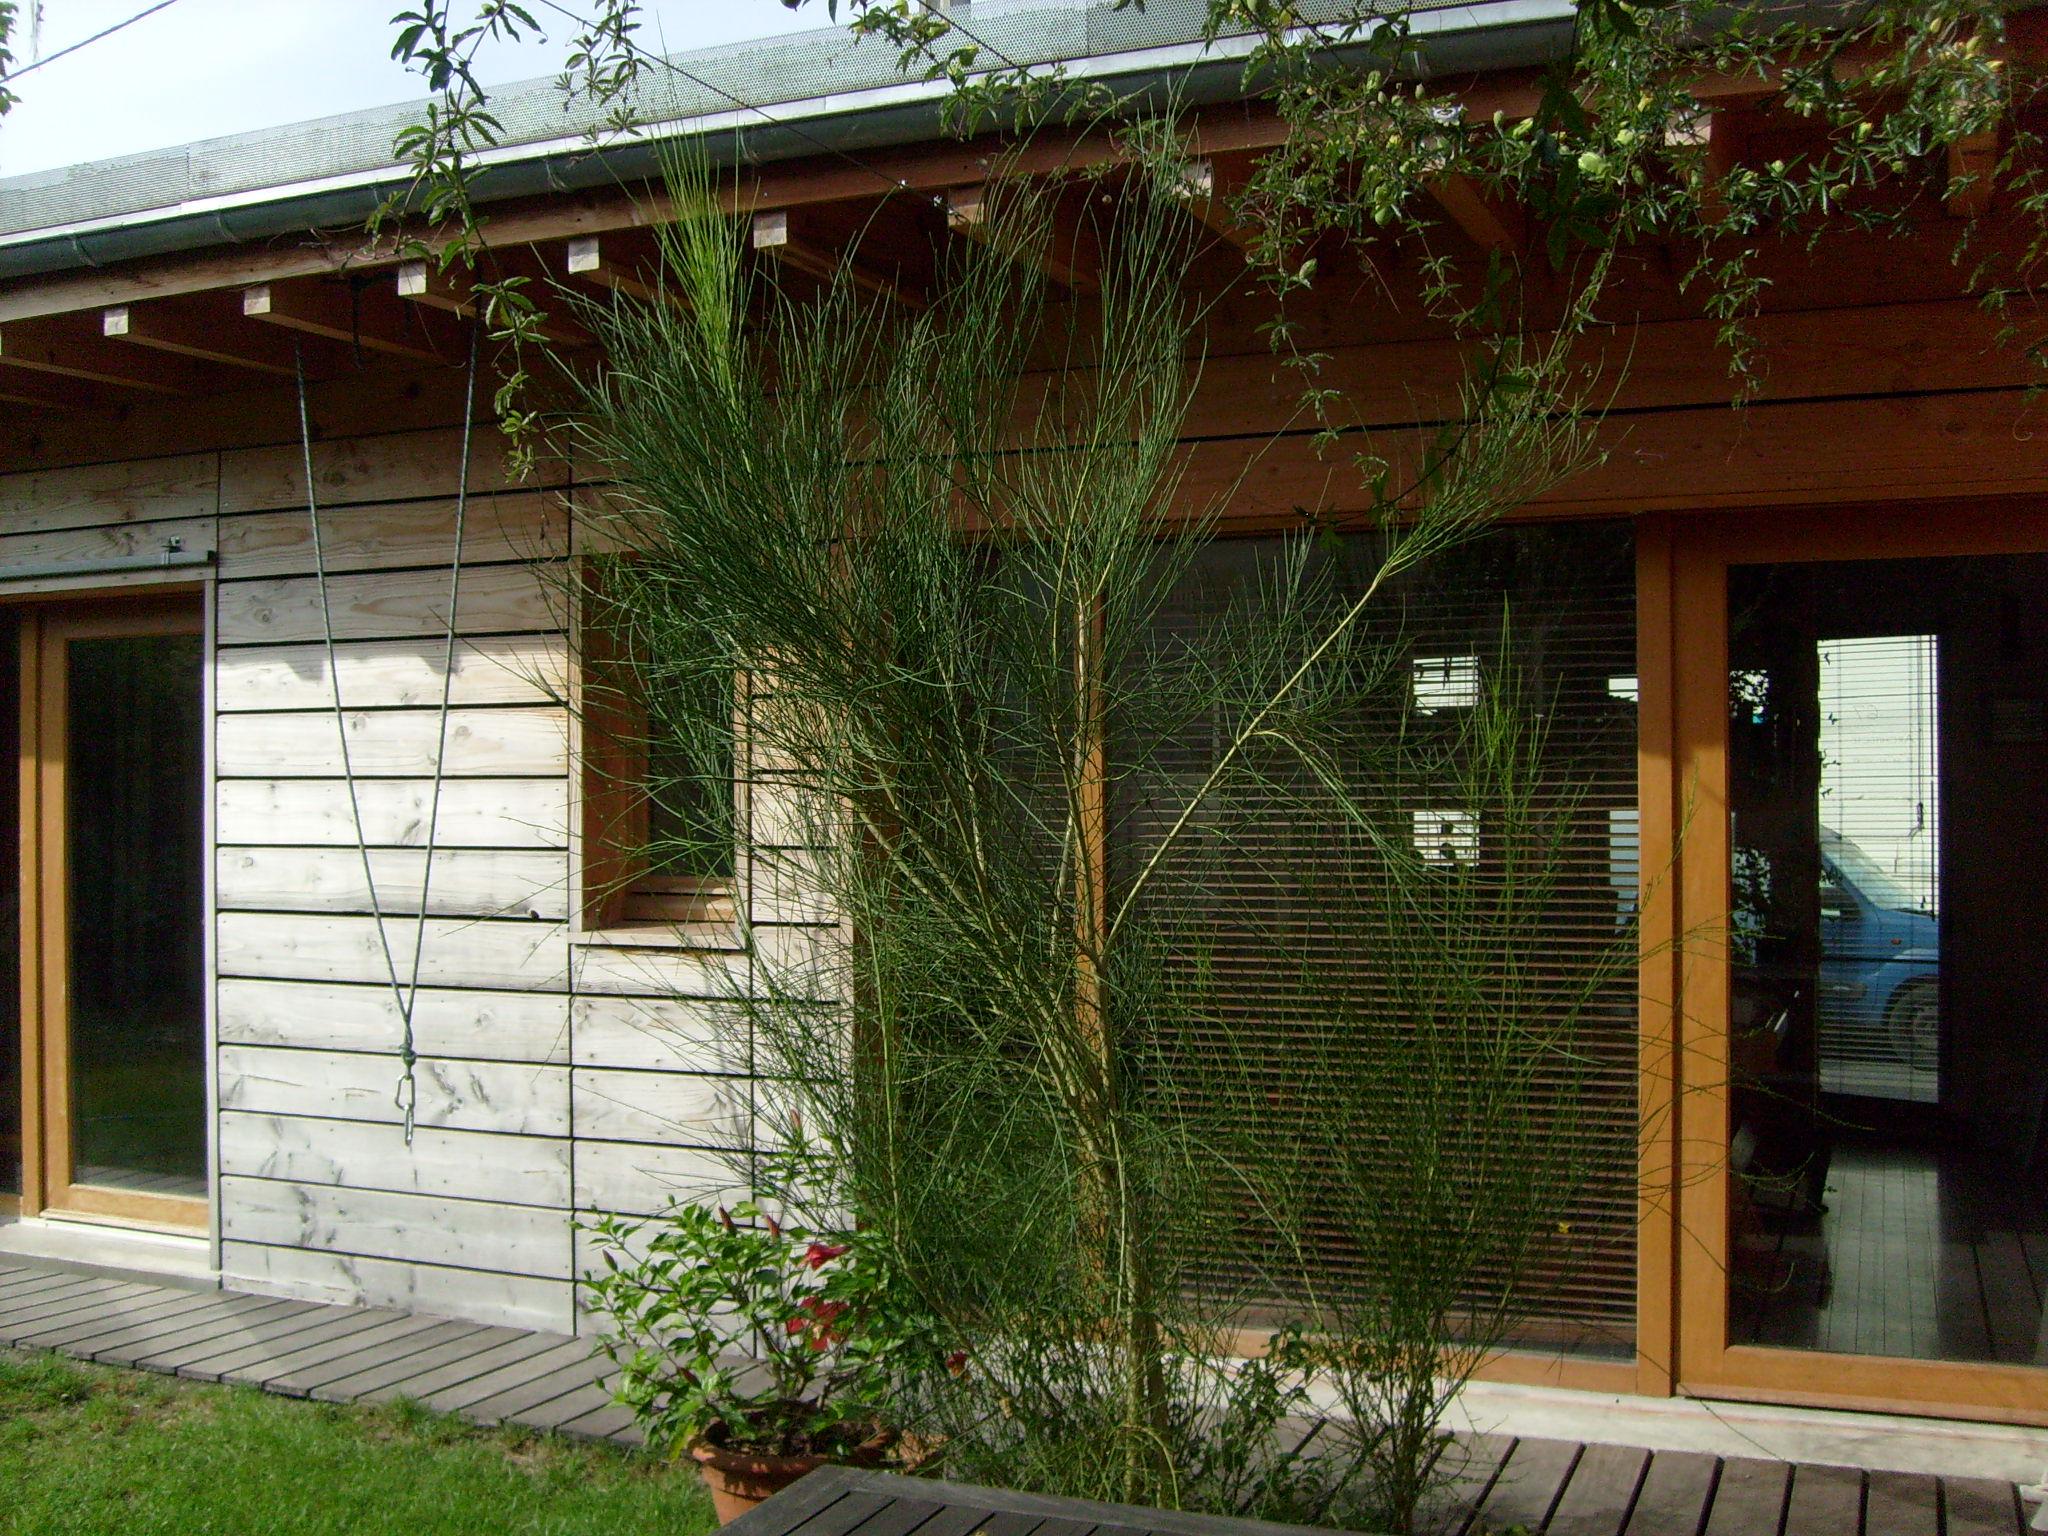 Agence frederique charlemagne b gles gironde ordre for Ordre des architectes centre